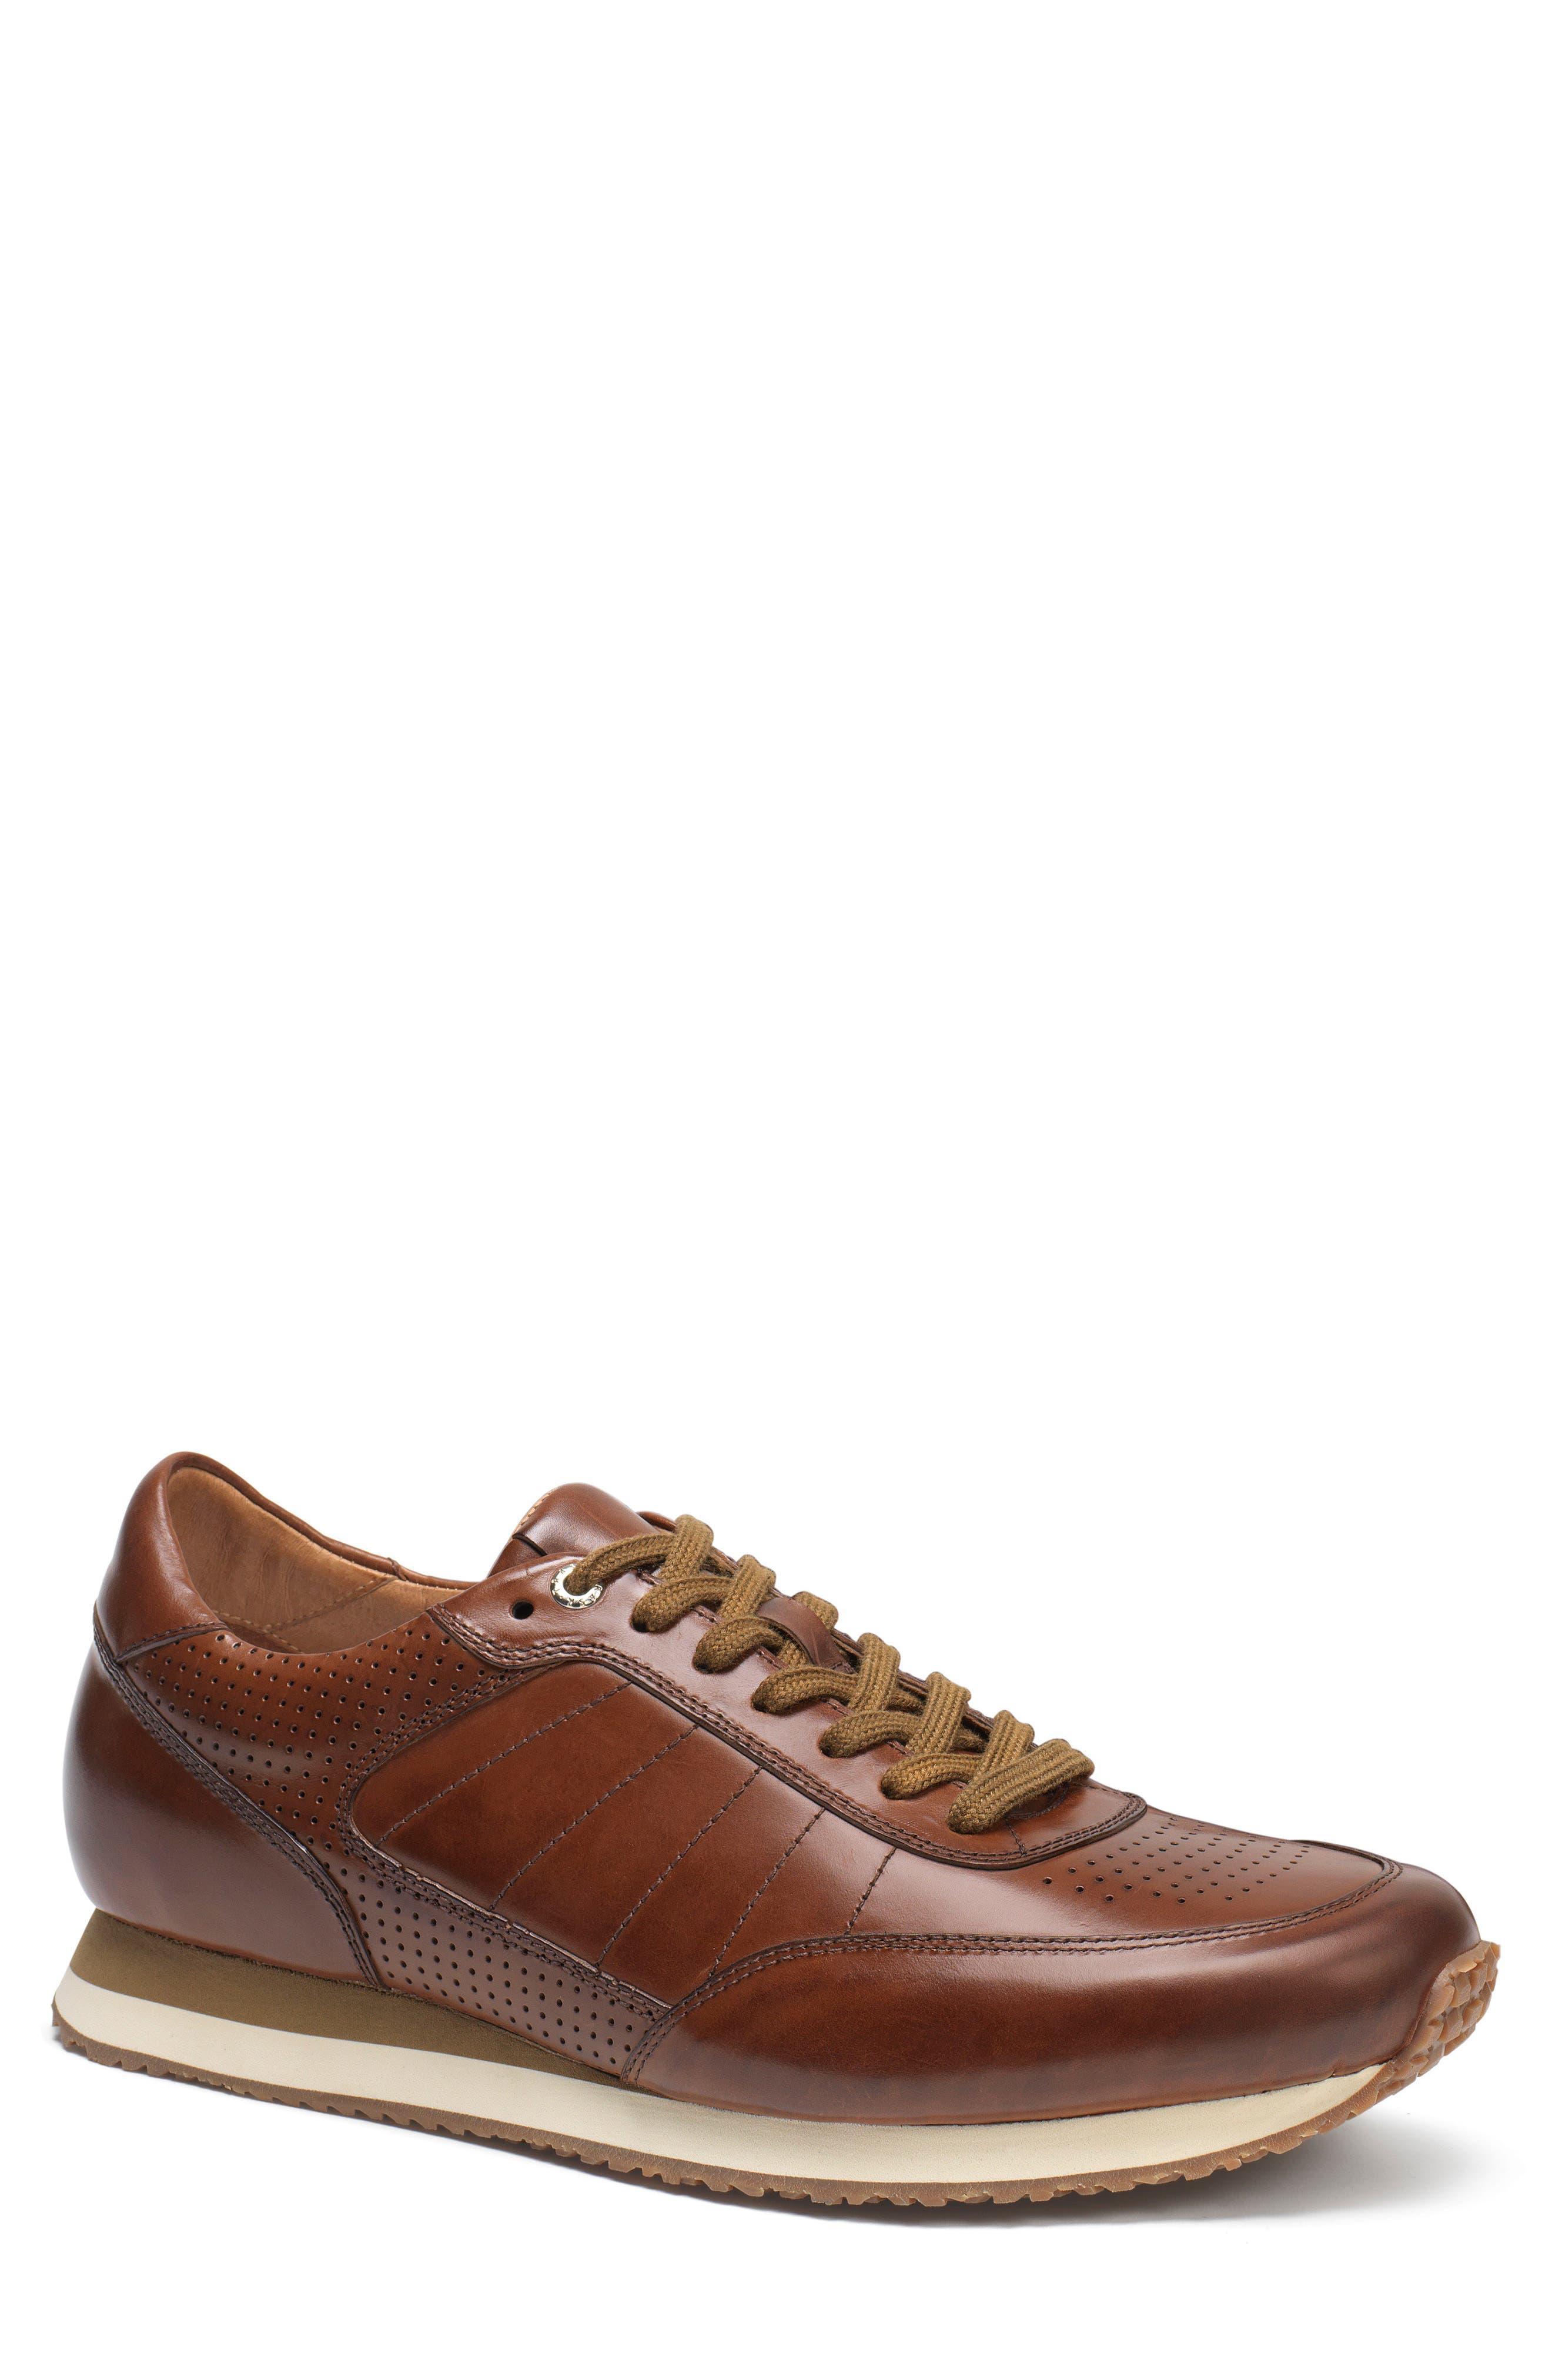 Trask Men's Aiden Sneaker eba03VP